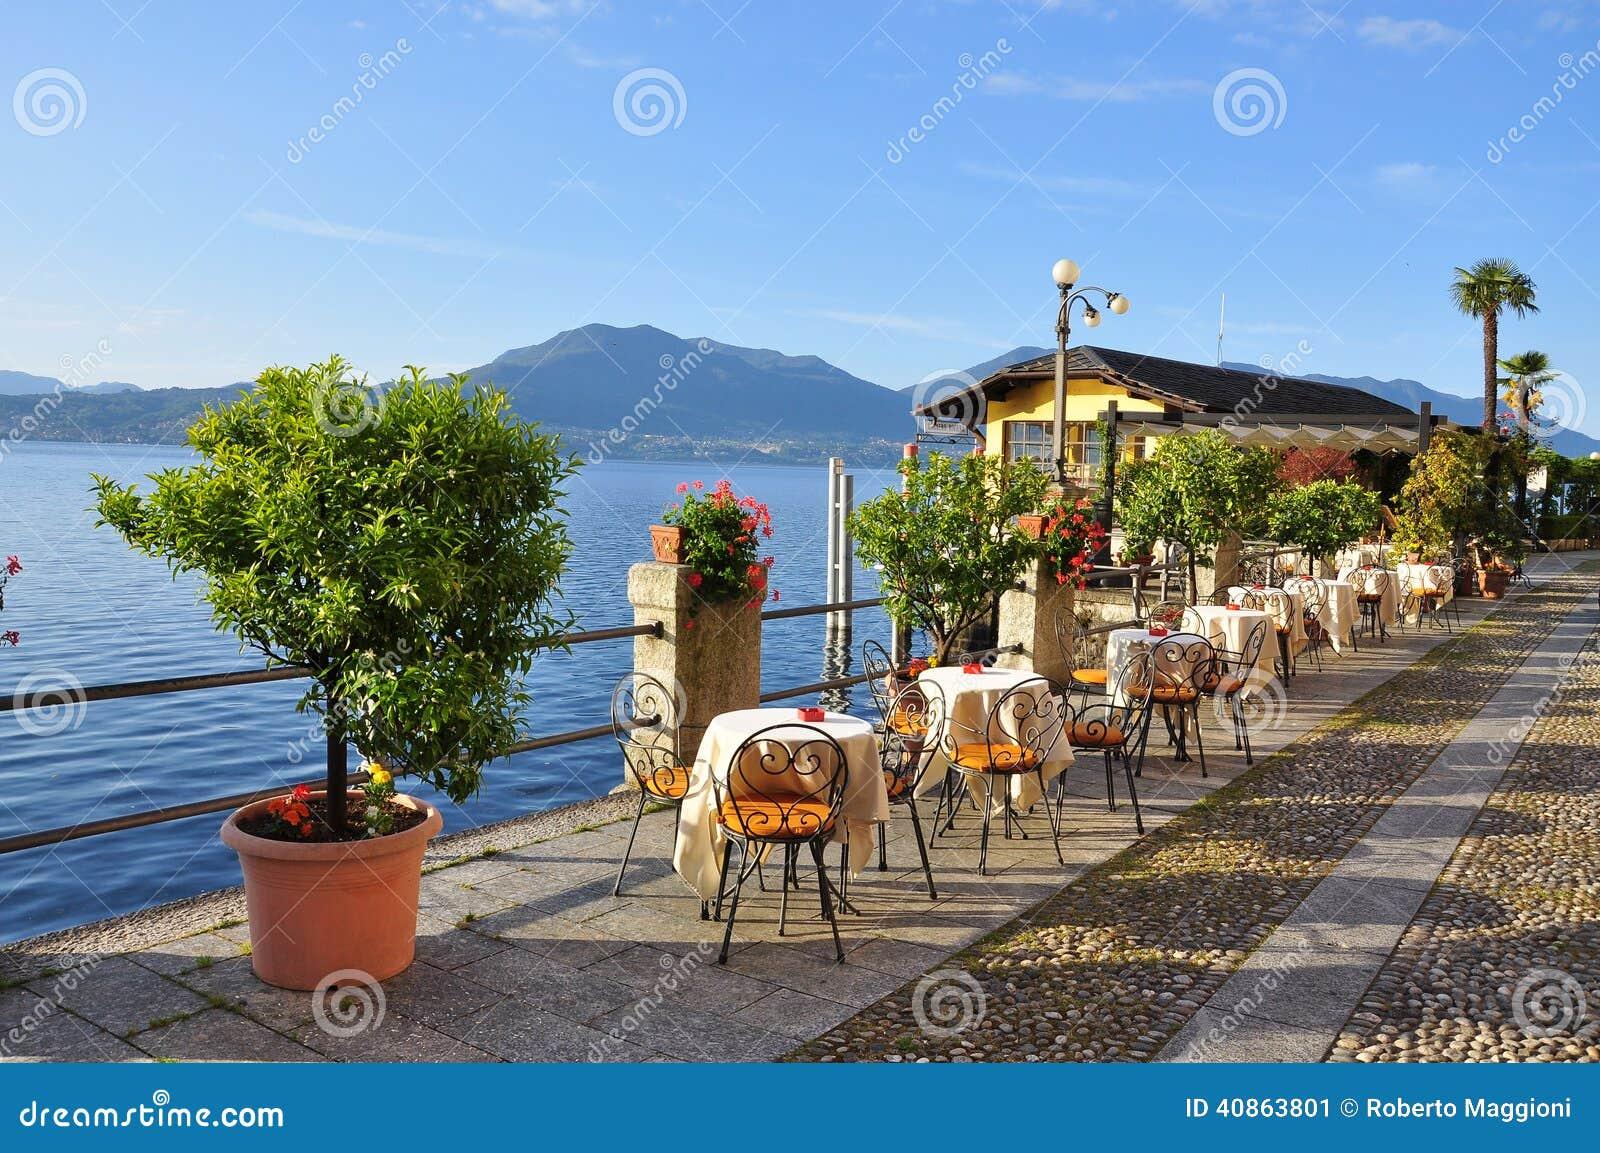 Spring Lake Park Restaurants